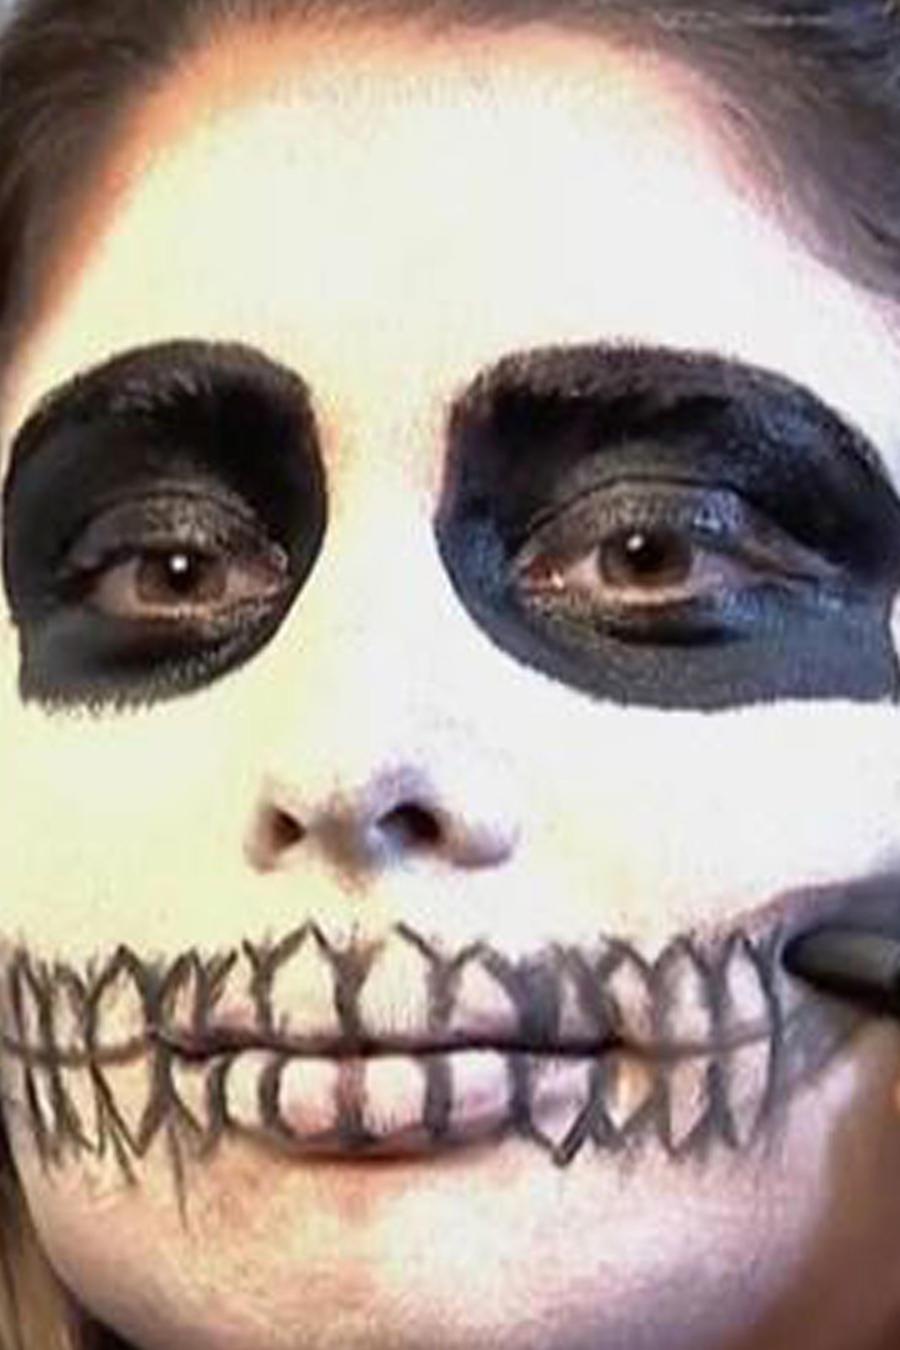 Aprende cómo hacer un maquillaje creativo para Halloween